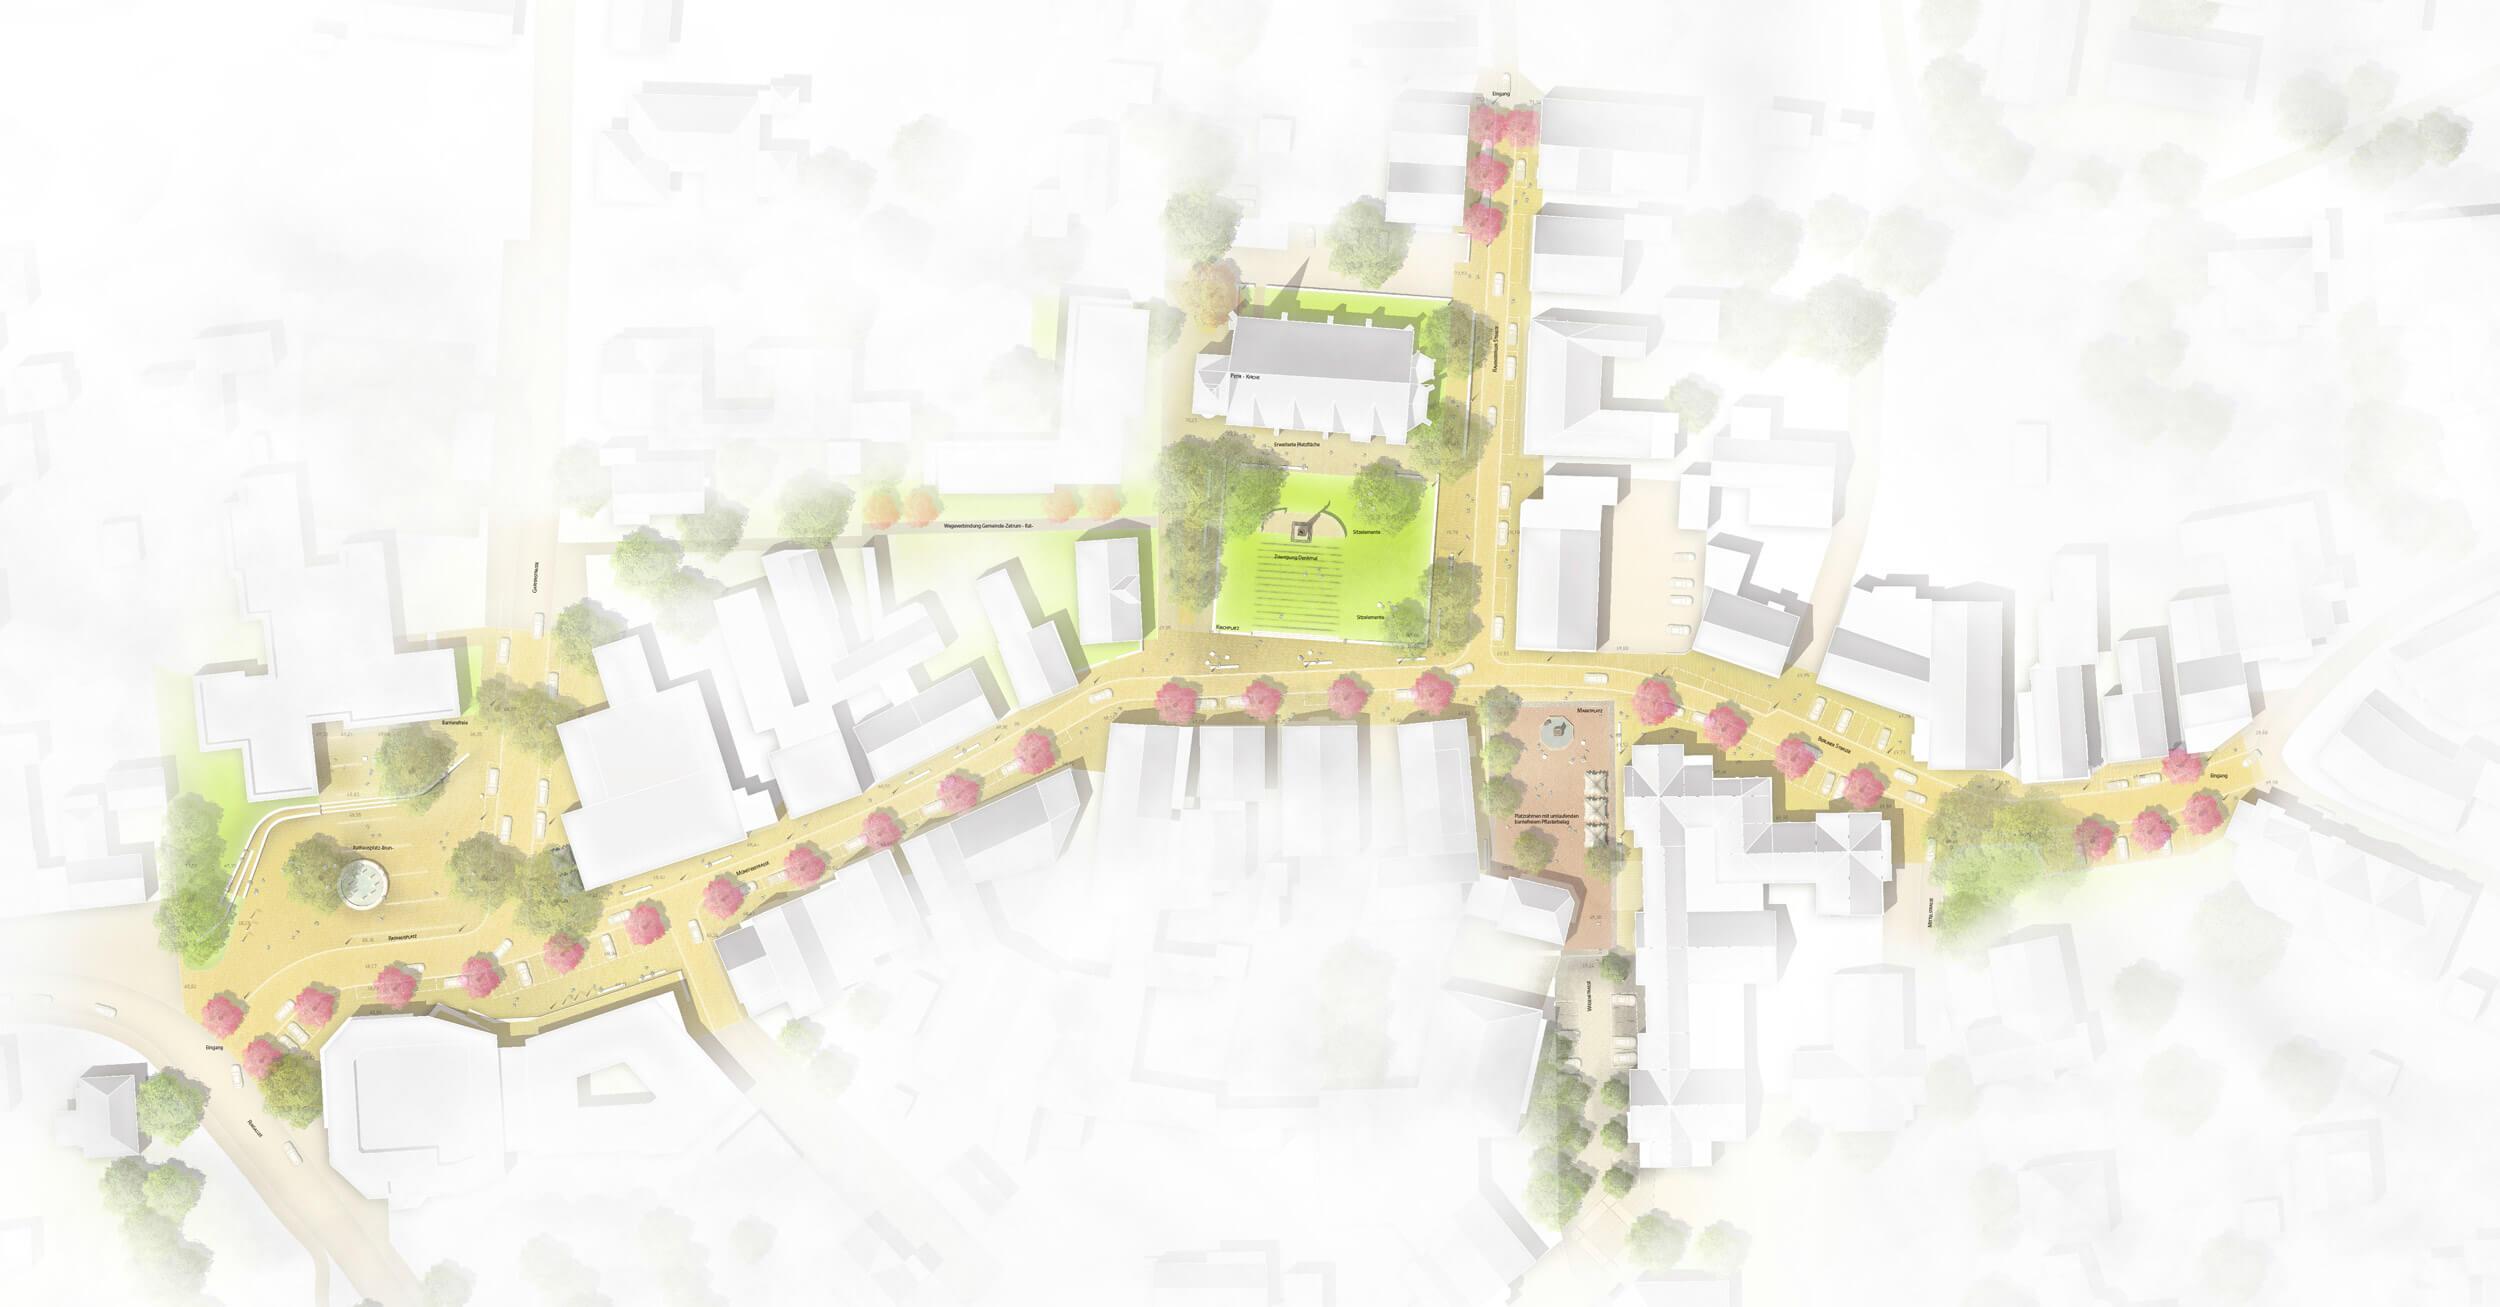 Innenstadt Versmold Lageplan